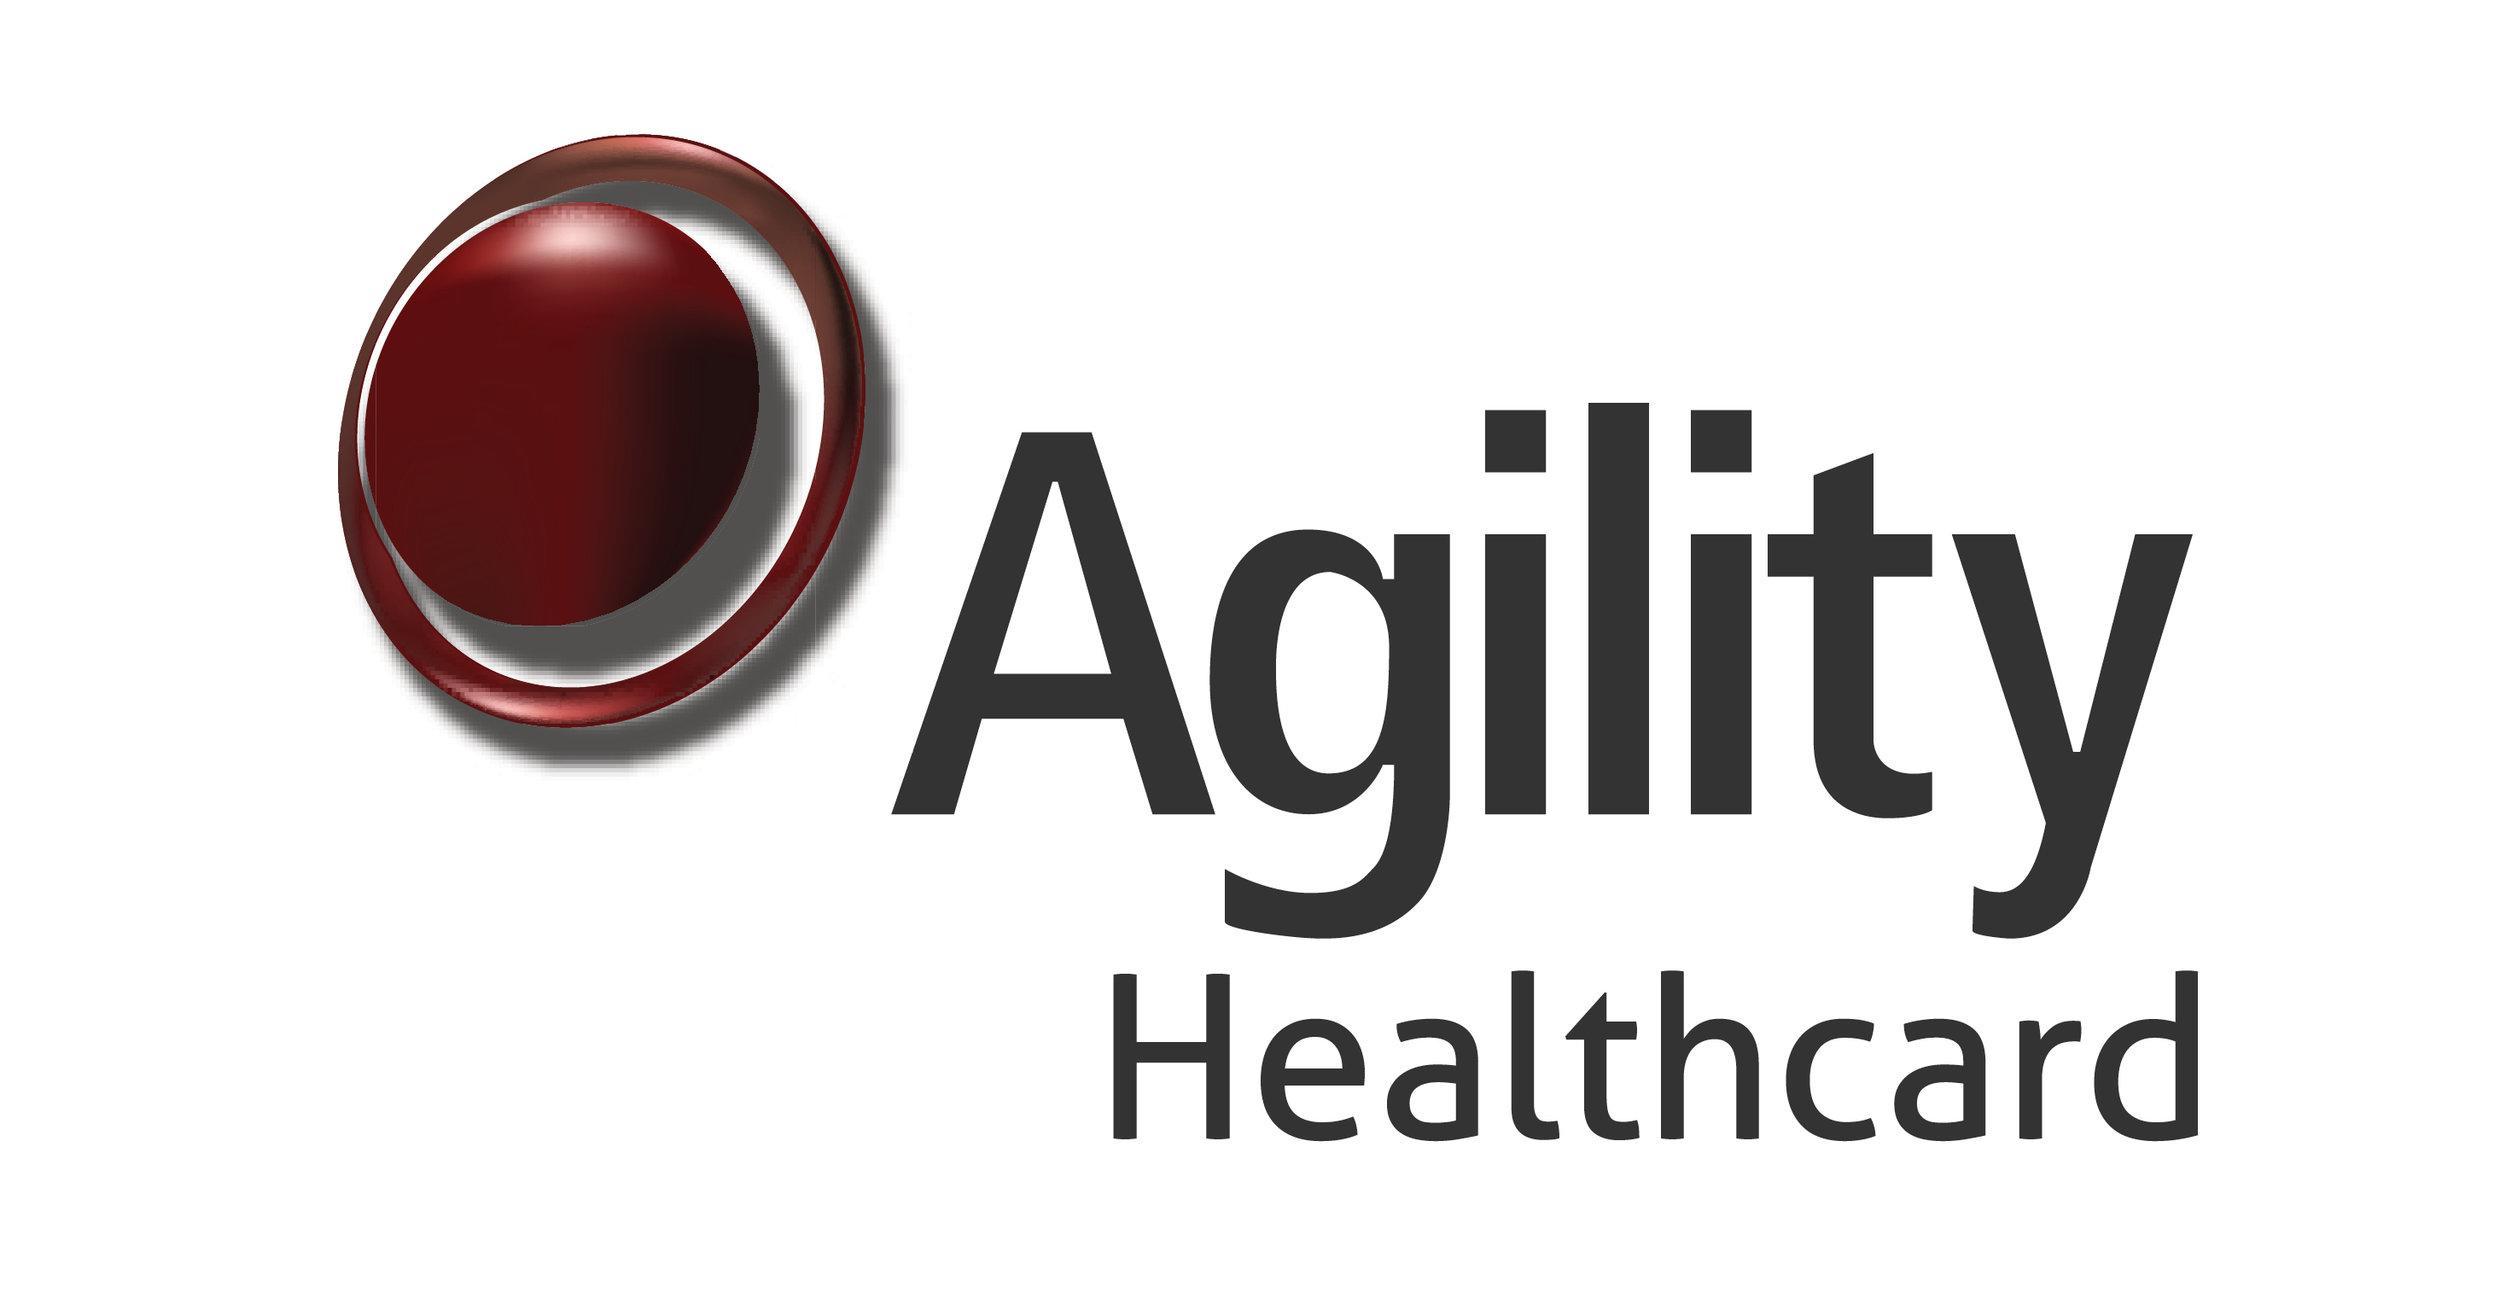 Agility Healthcard.jpg